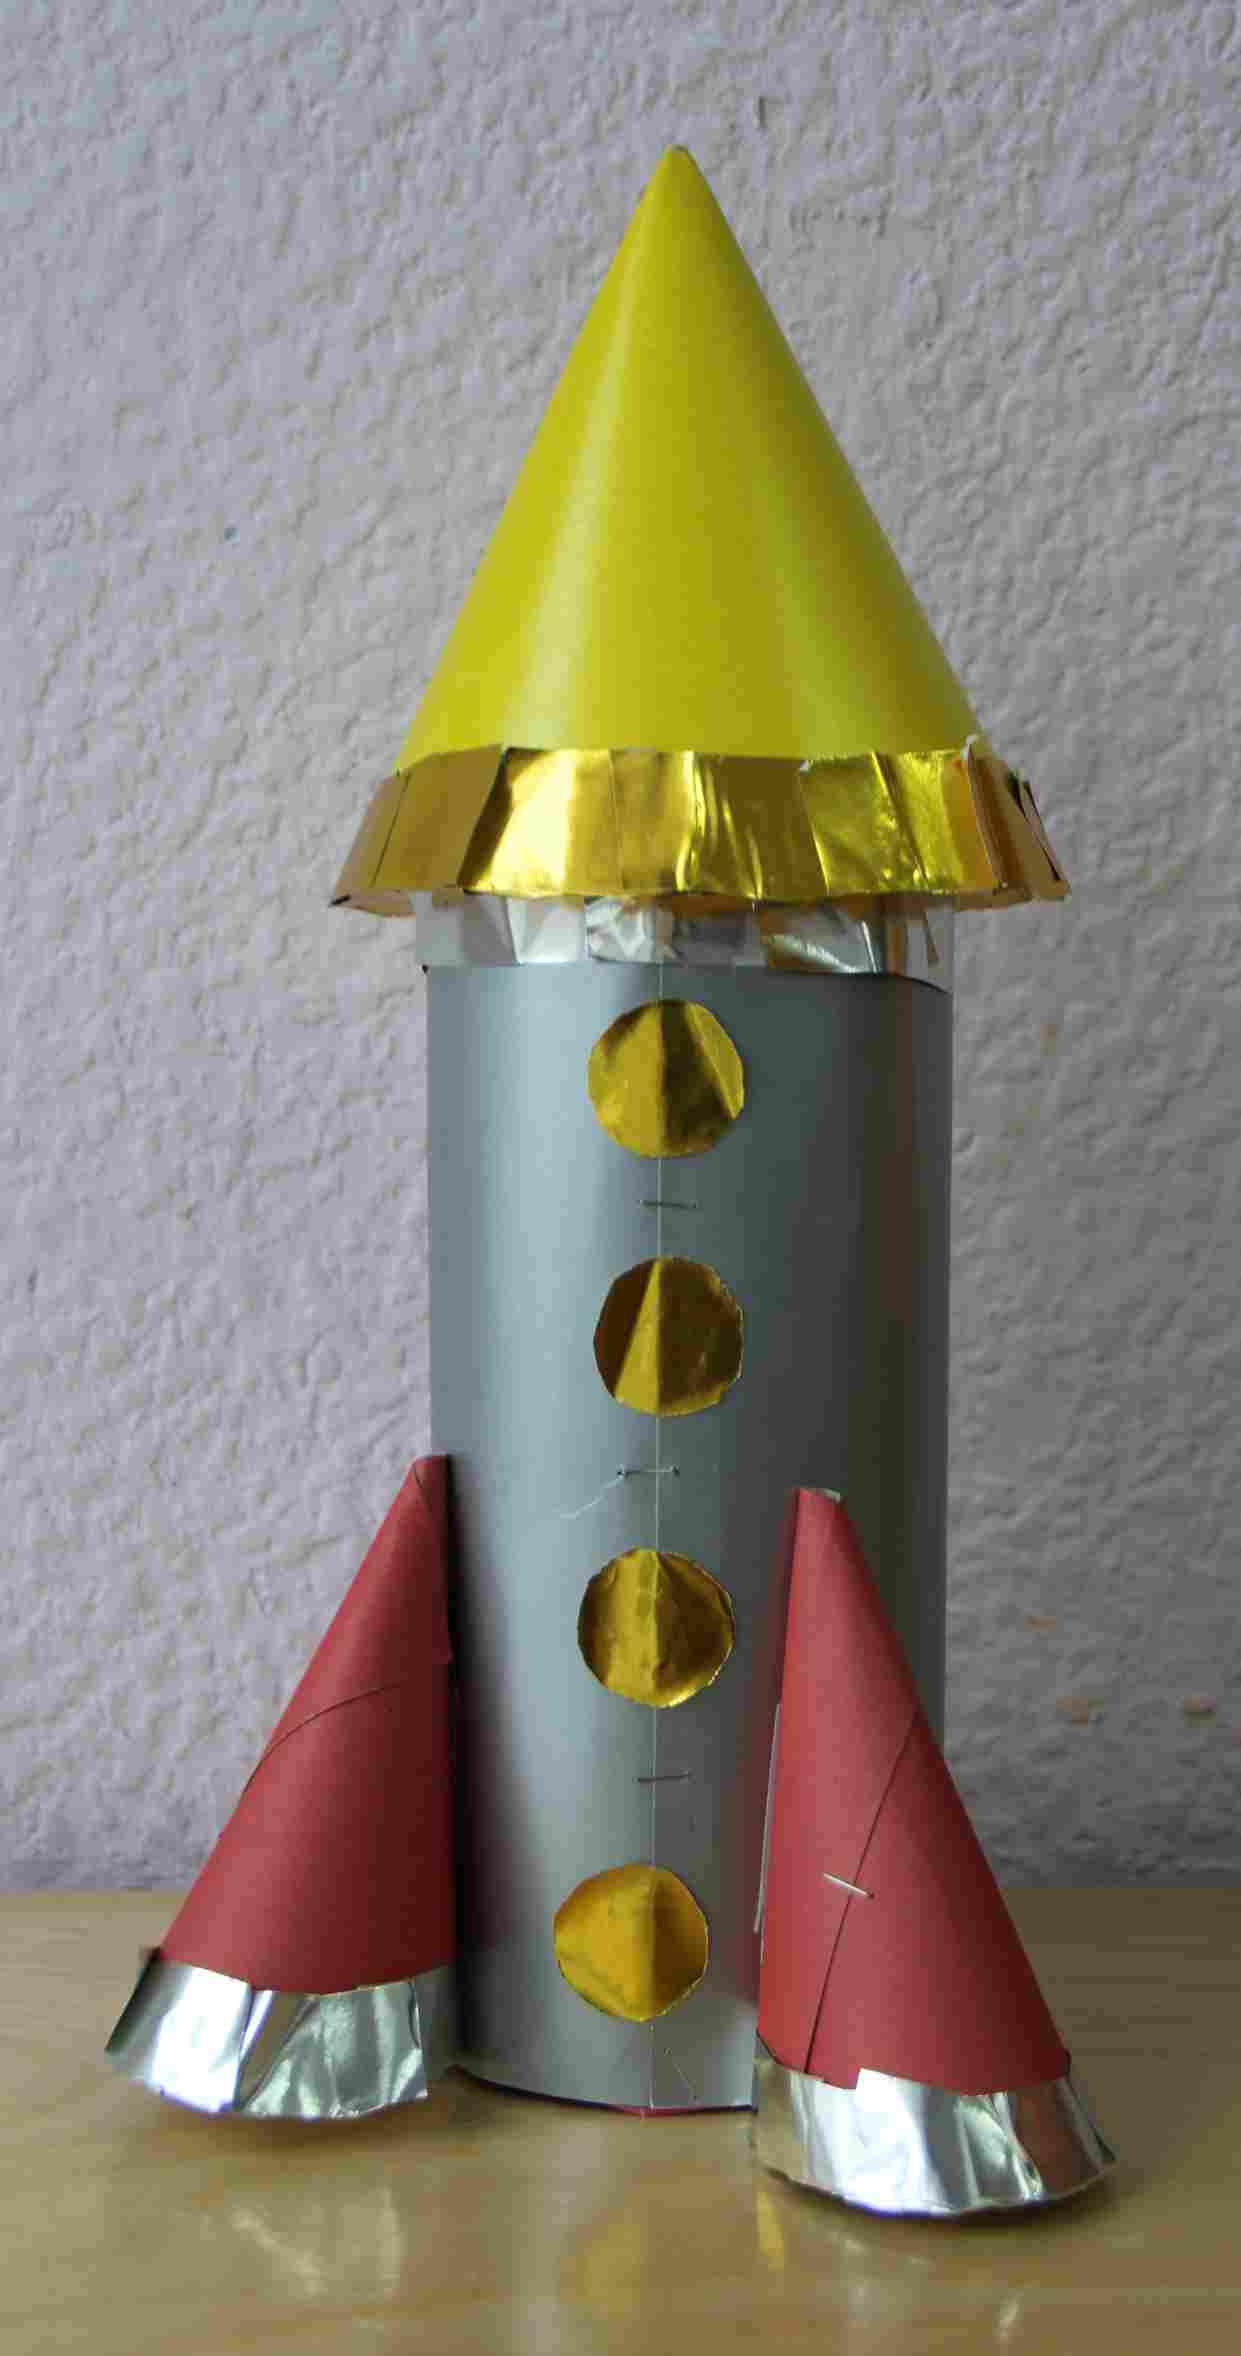 Как ребенку сделать ракету